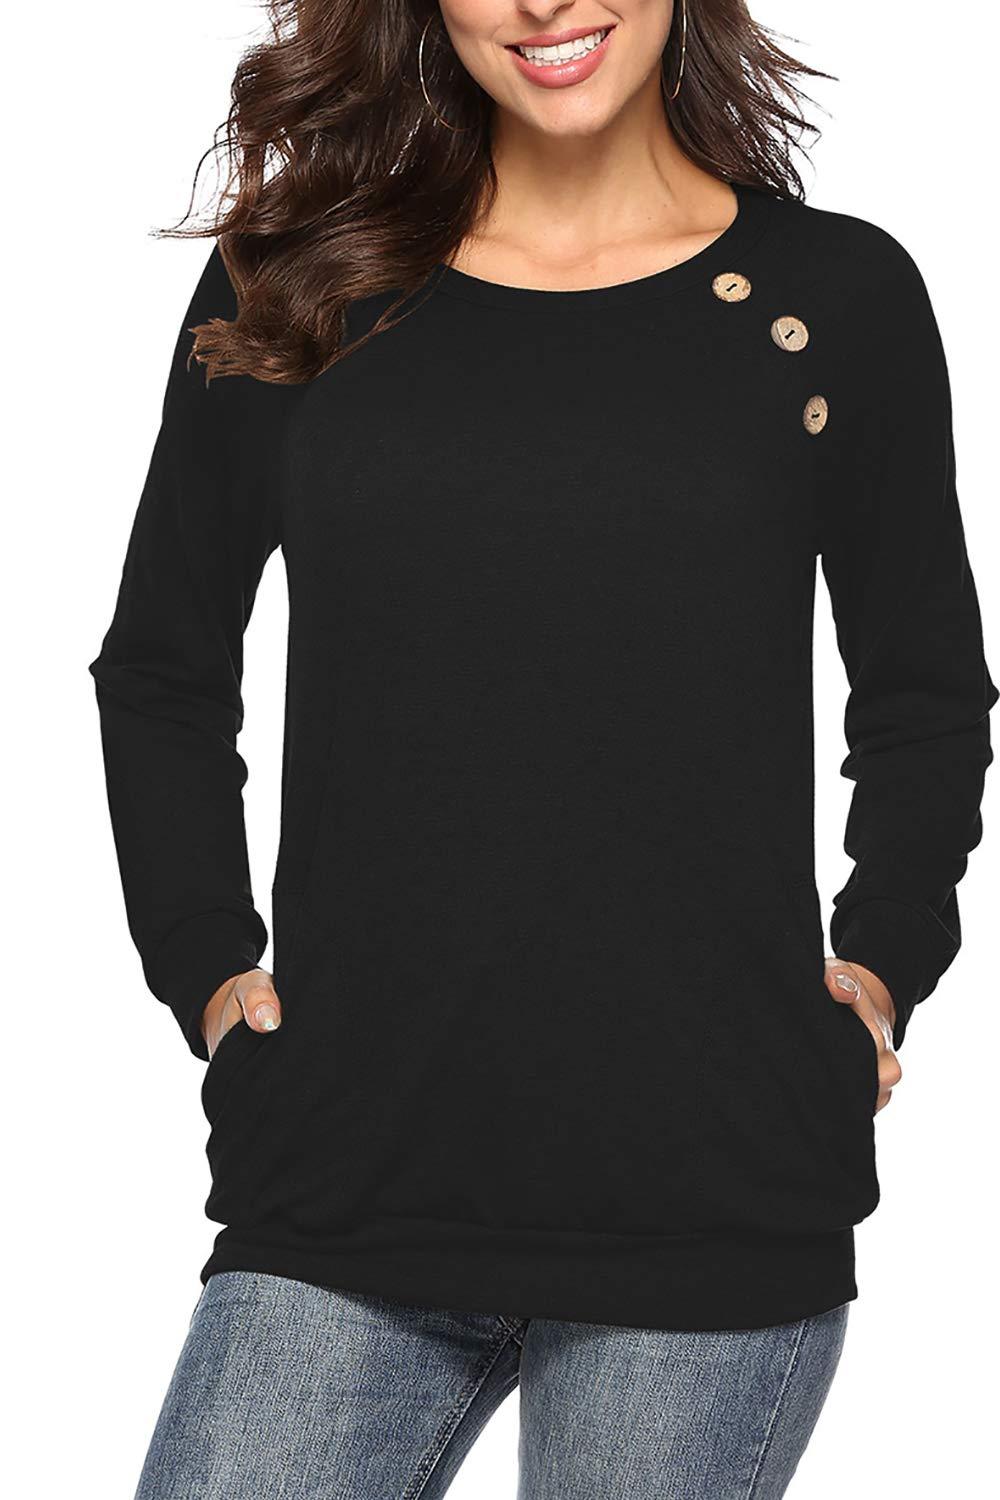 8c1d126ecbff7b NICIAS Damen Langarmshirt Pullover Lässige Rundhals Sweatshirt  Schaltflächen Hemd T Shirt Bluse Tunika Top mit Taschen